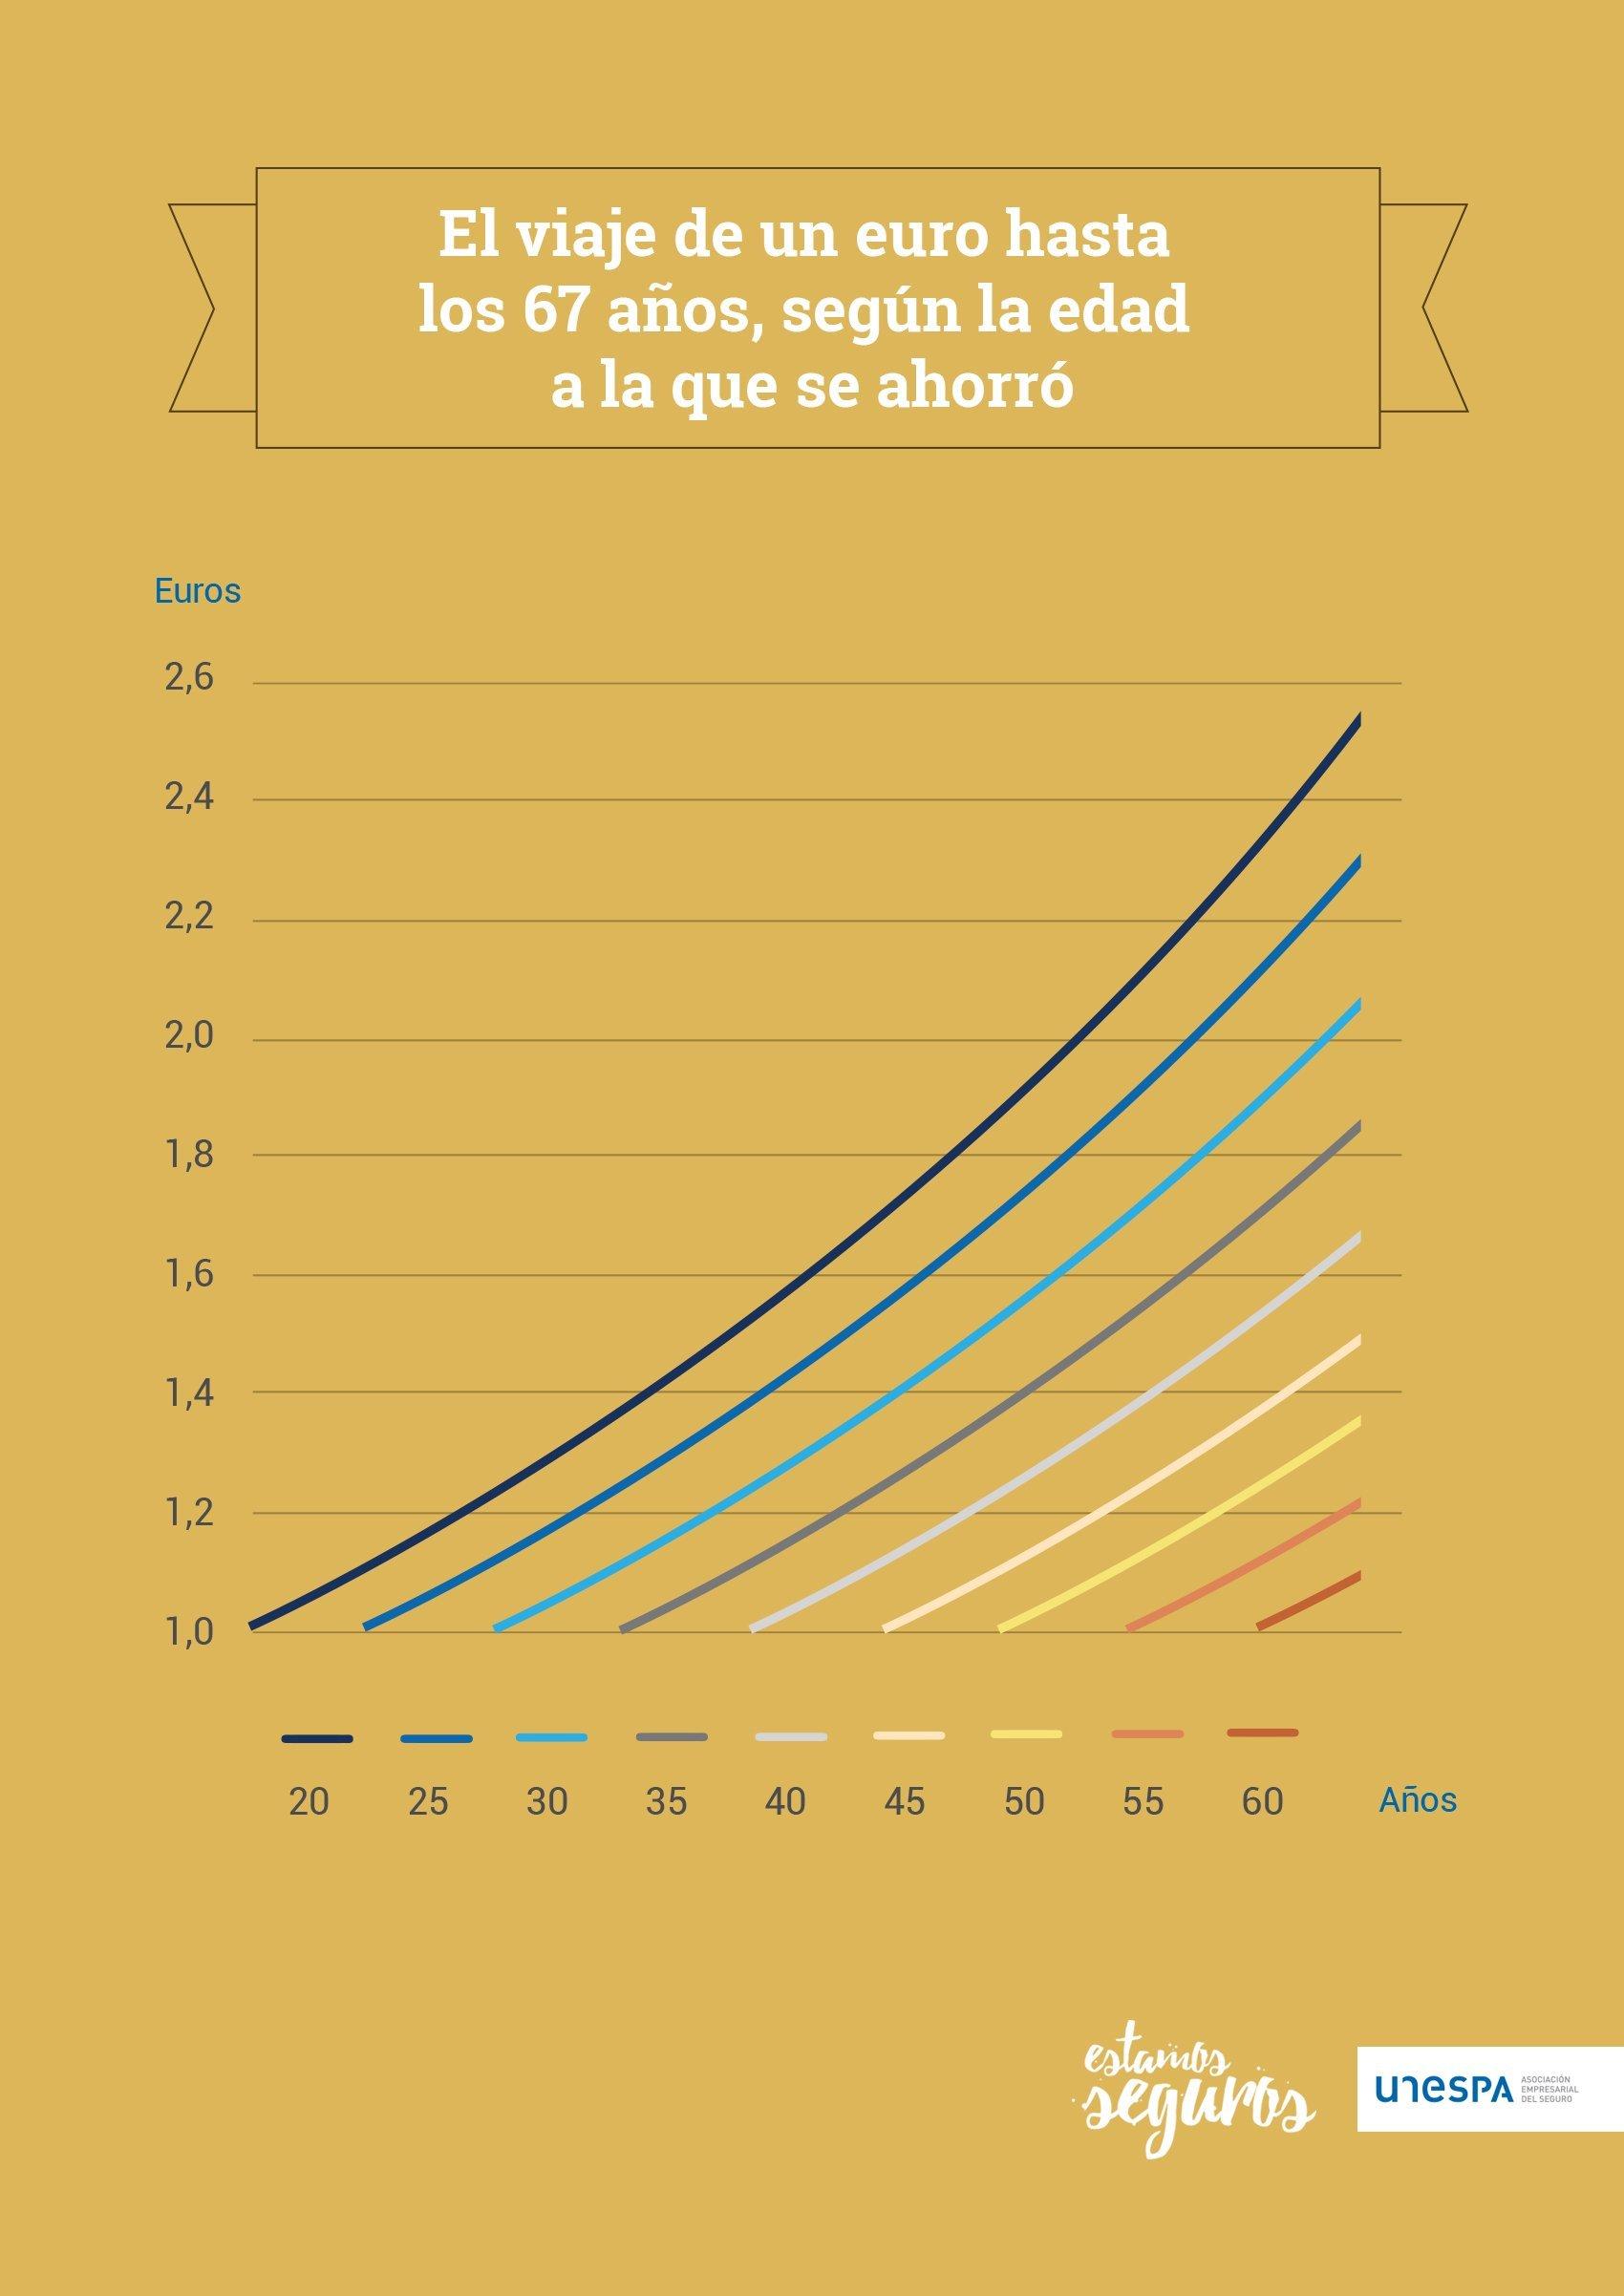 El viaje de un euro hasta los 67 años, según la edad a la que se ahorró